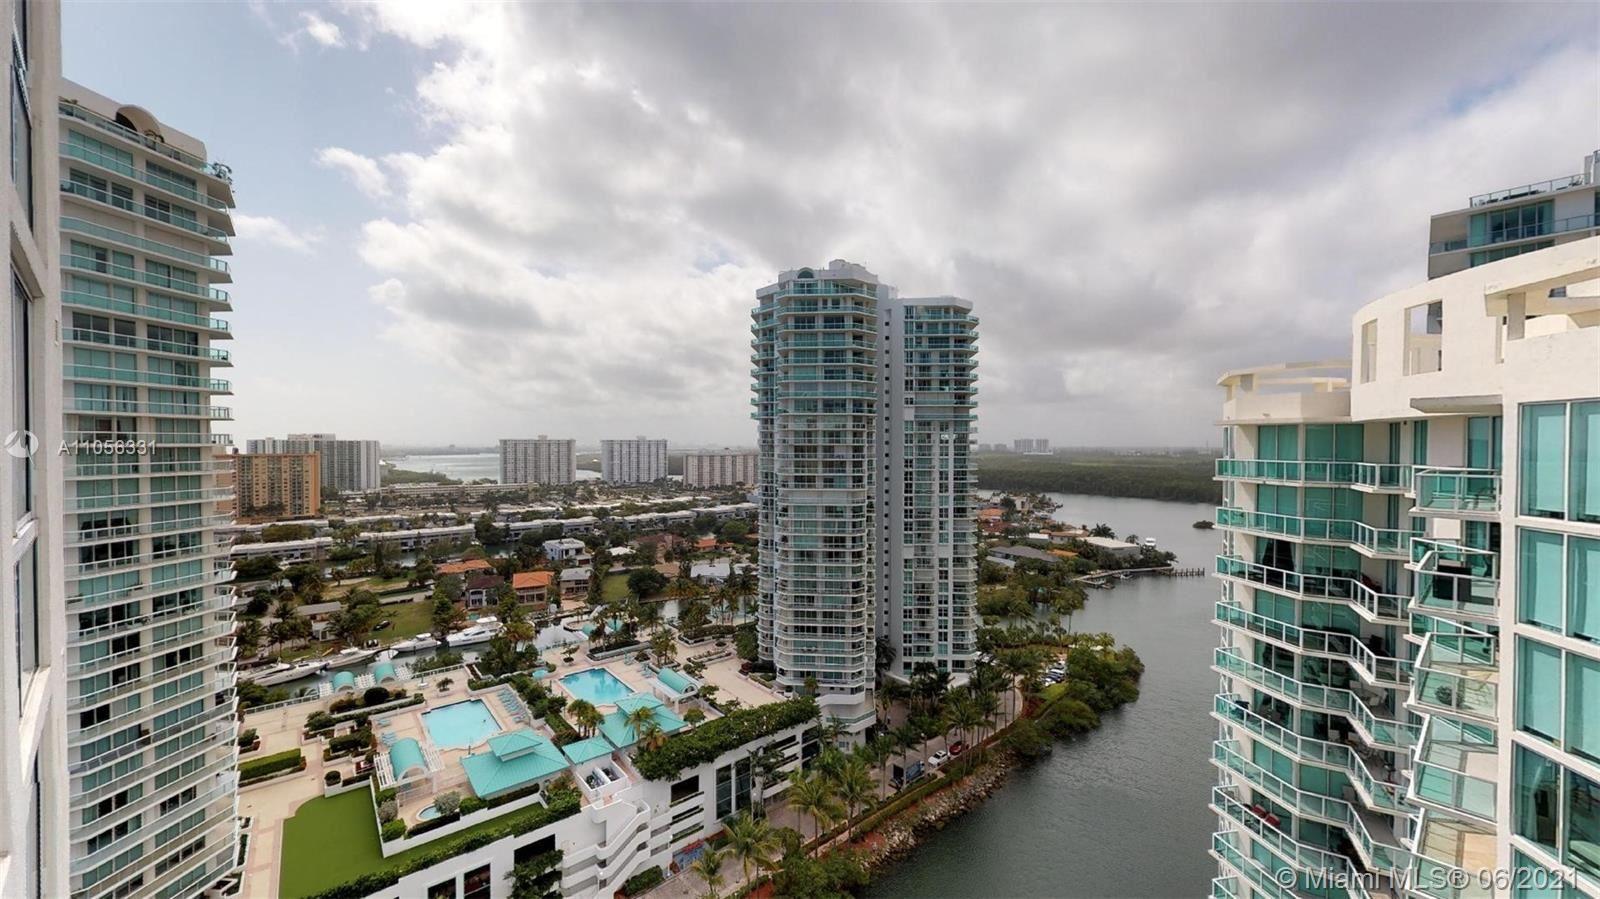 200 Sunny Isles Blvd #2-UPH2, Sunny Isles, FL 33160 - #: A11056331